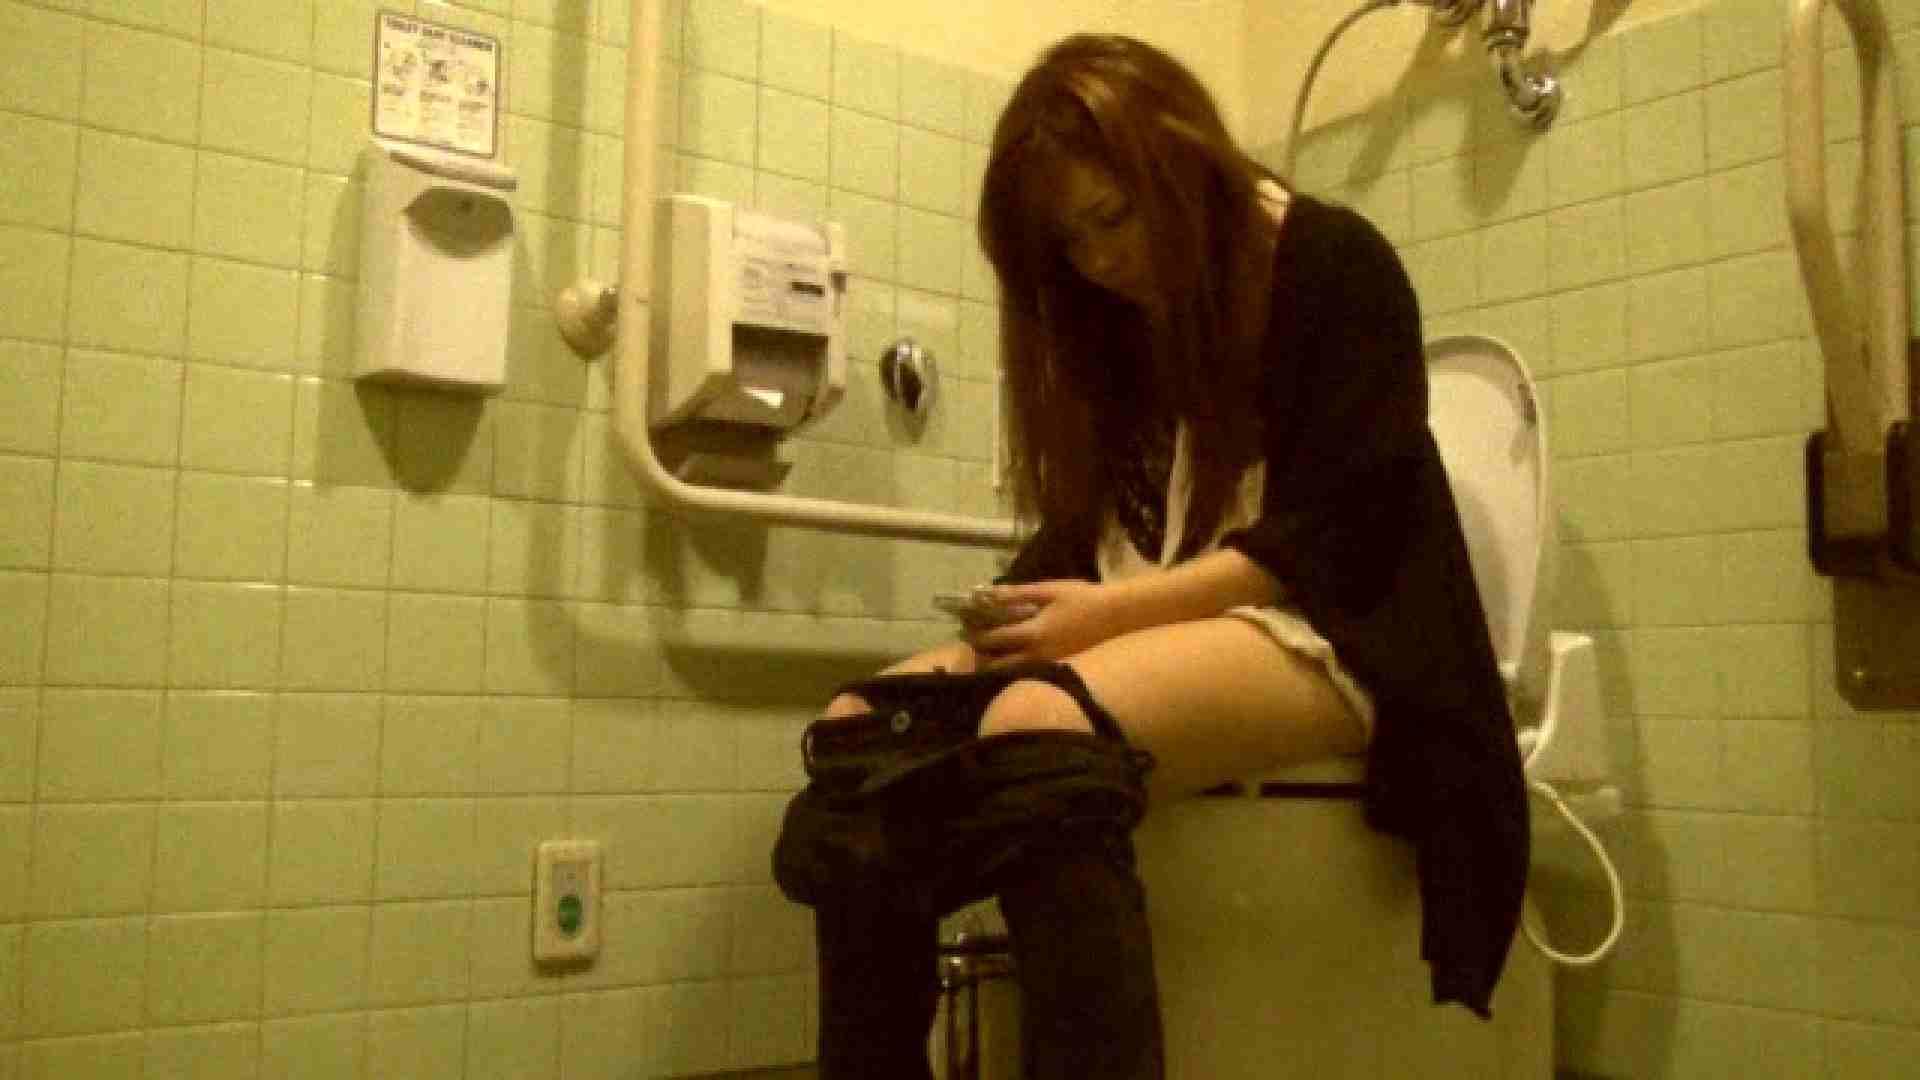 魔術師の お・も・て・な・し vol.26 19歳のバーの店員さんの洗面所をしばし… OLの実態   イタズラ  90pic 43